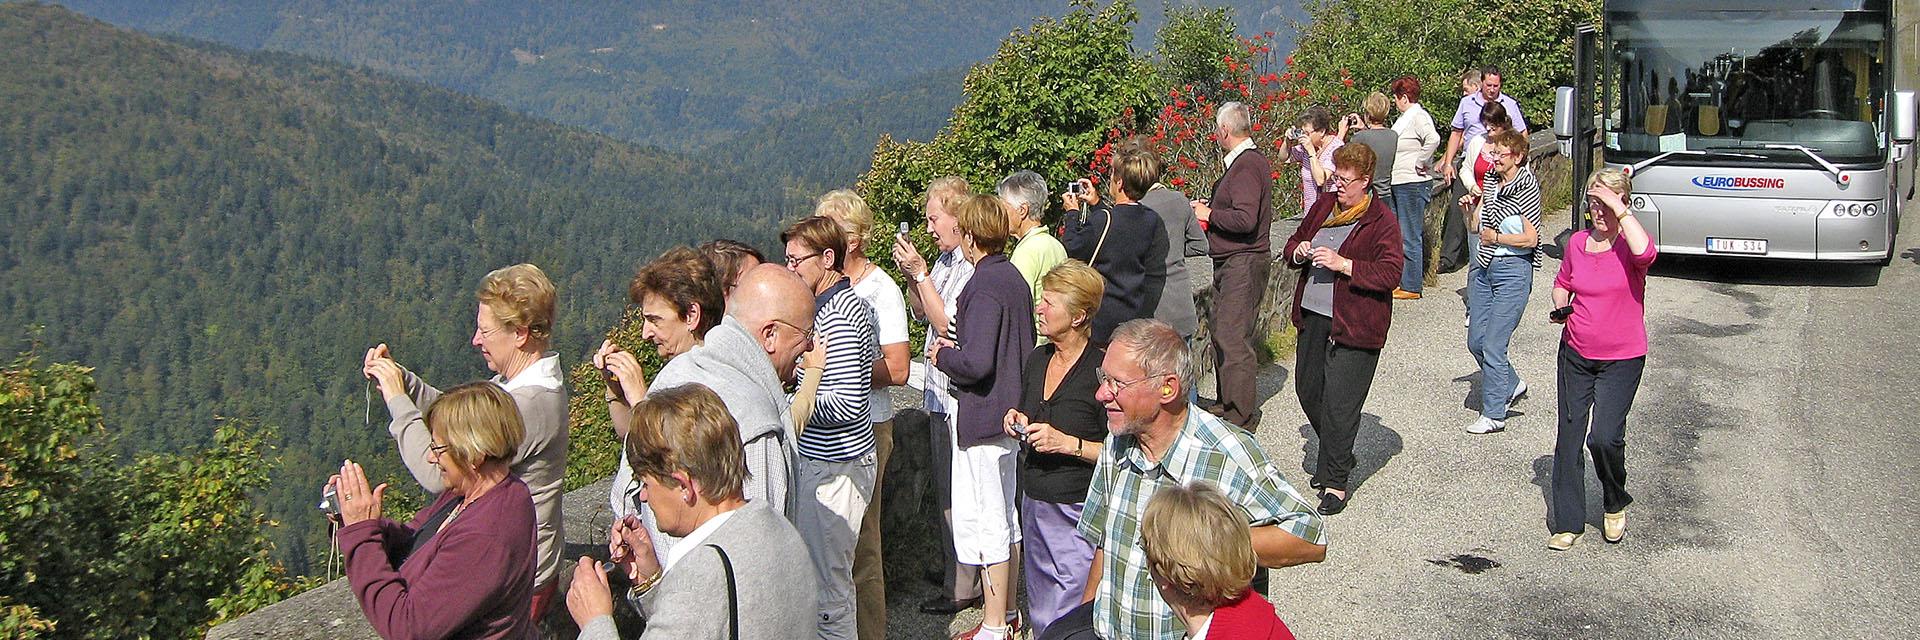 village-vacance-les-4-vents-groupe